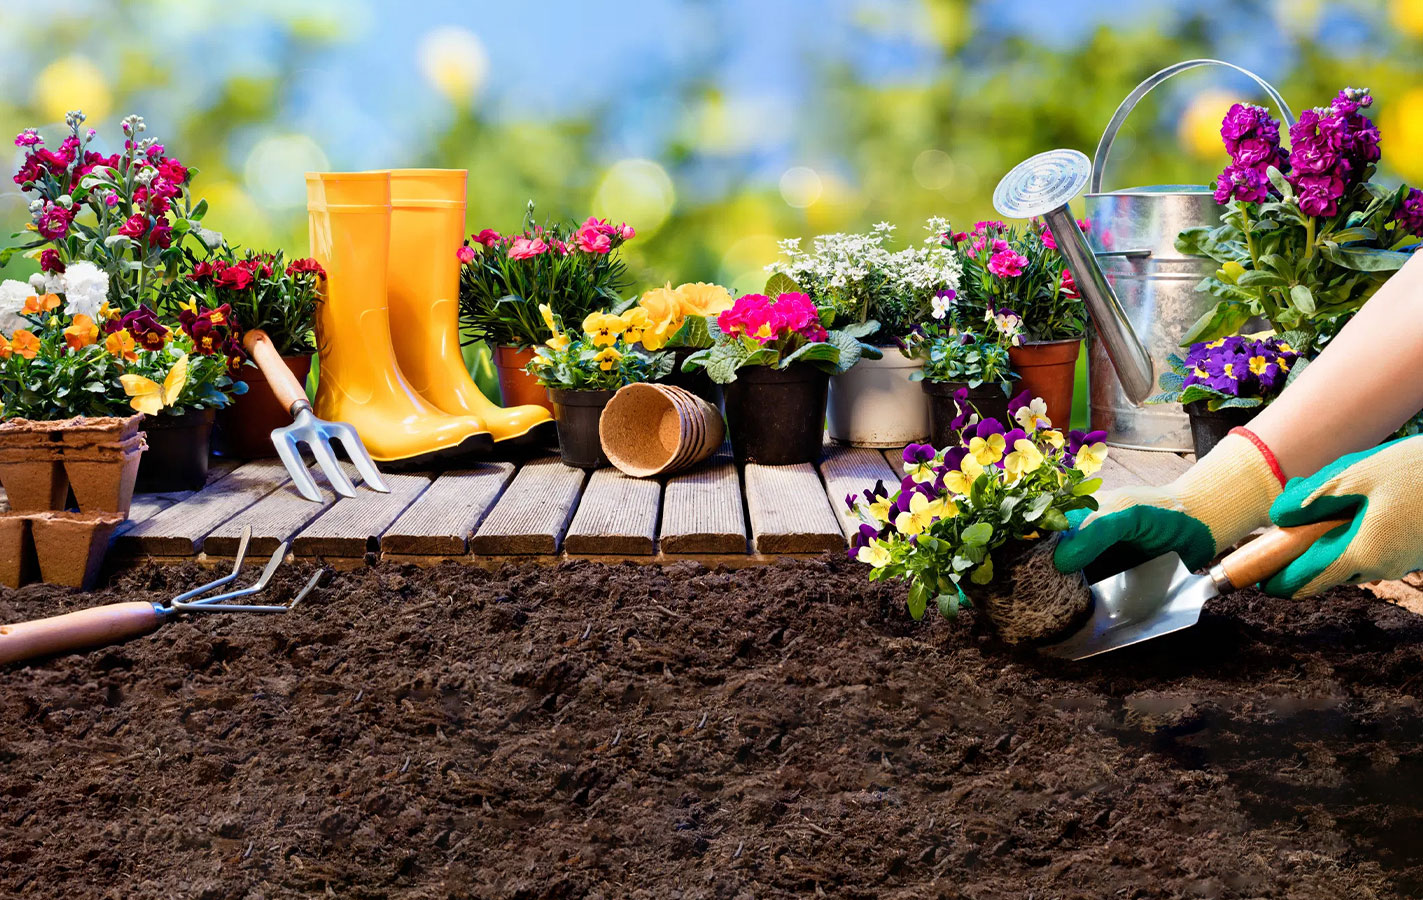 پرورش گل و گیاه خانگی